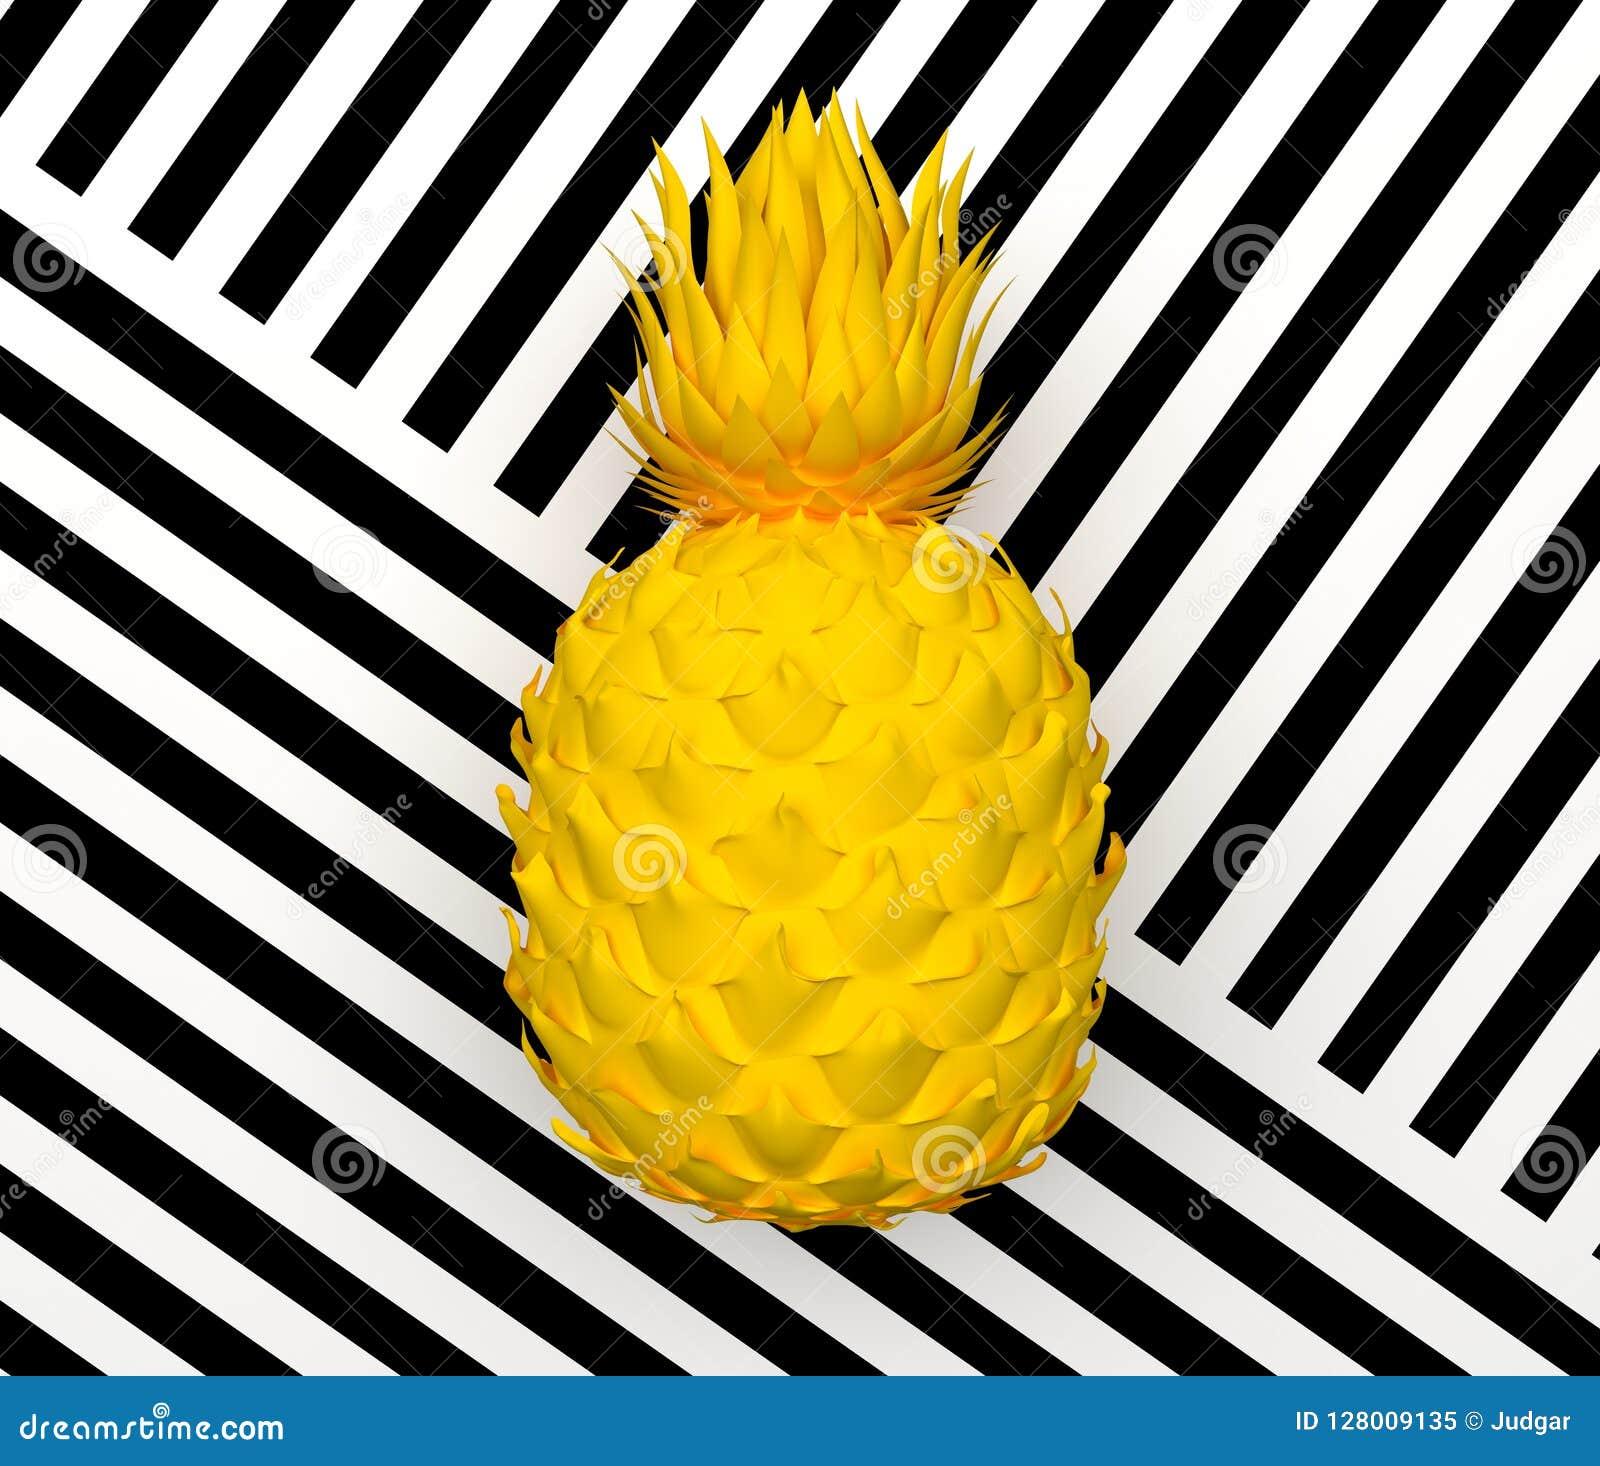 Abacaxi abstrato amarelo sozinho isolado em um fundo com uma listra preto e branco Fruto exótico tropical rendição 3d